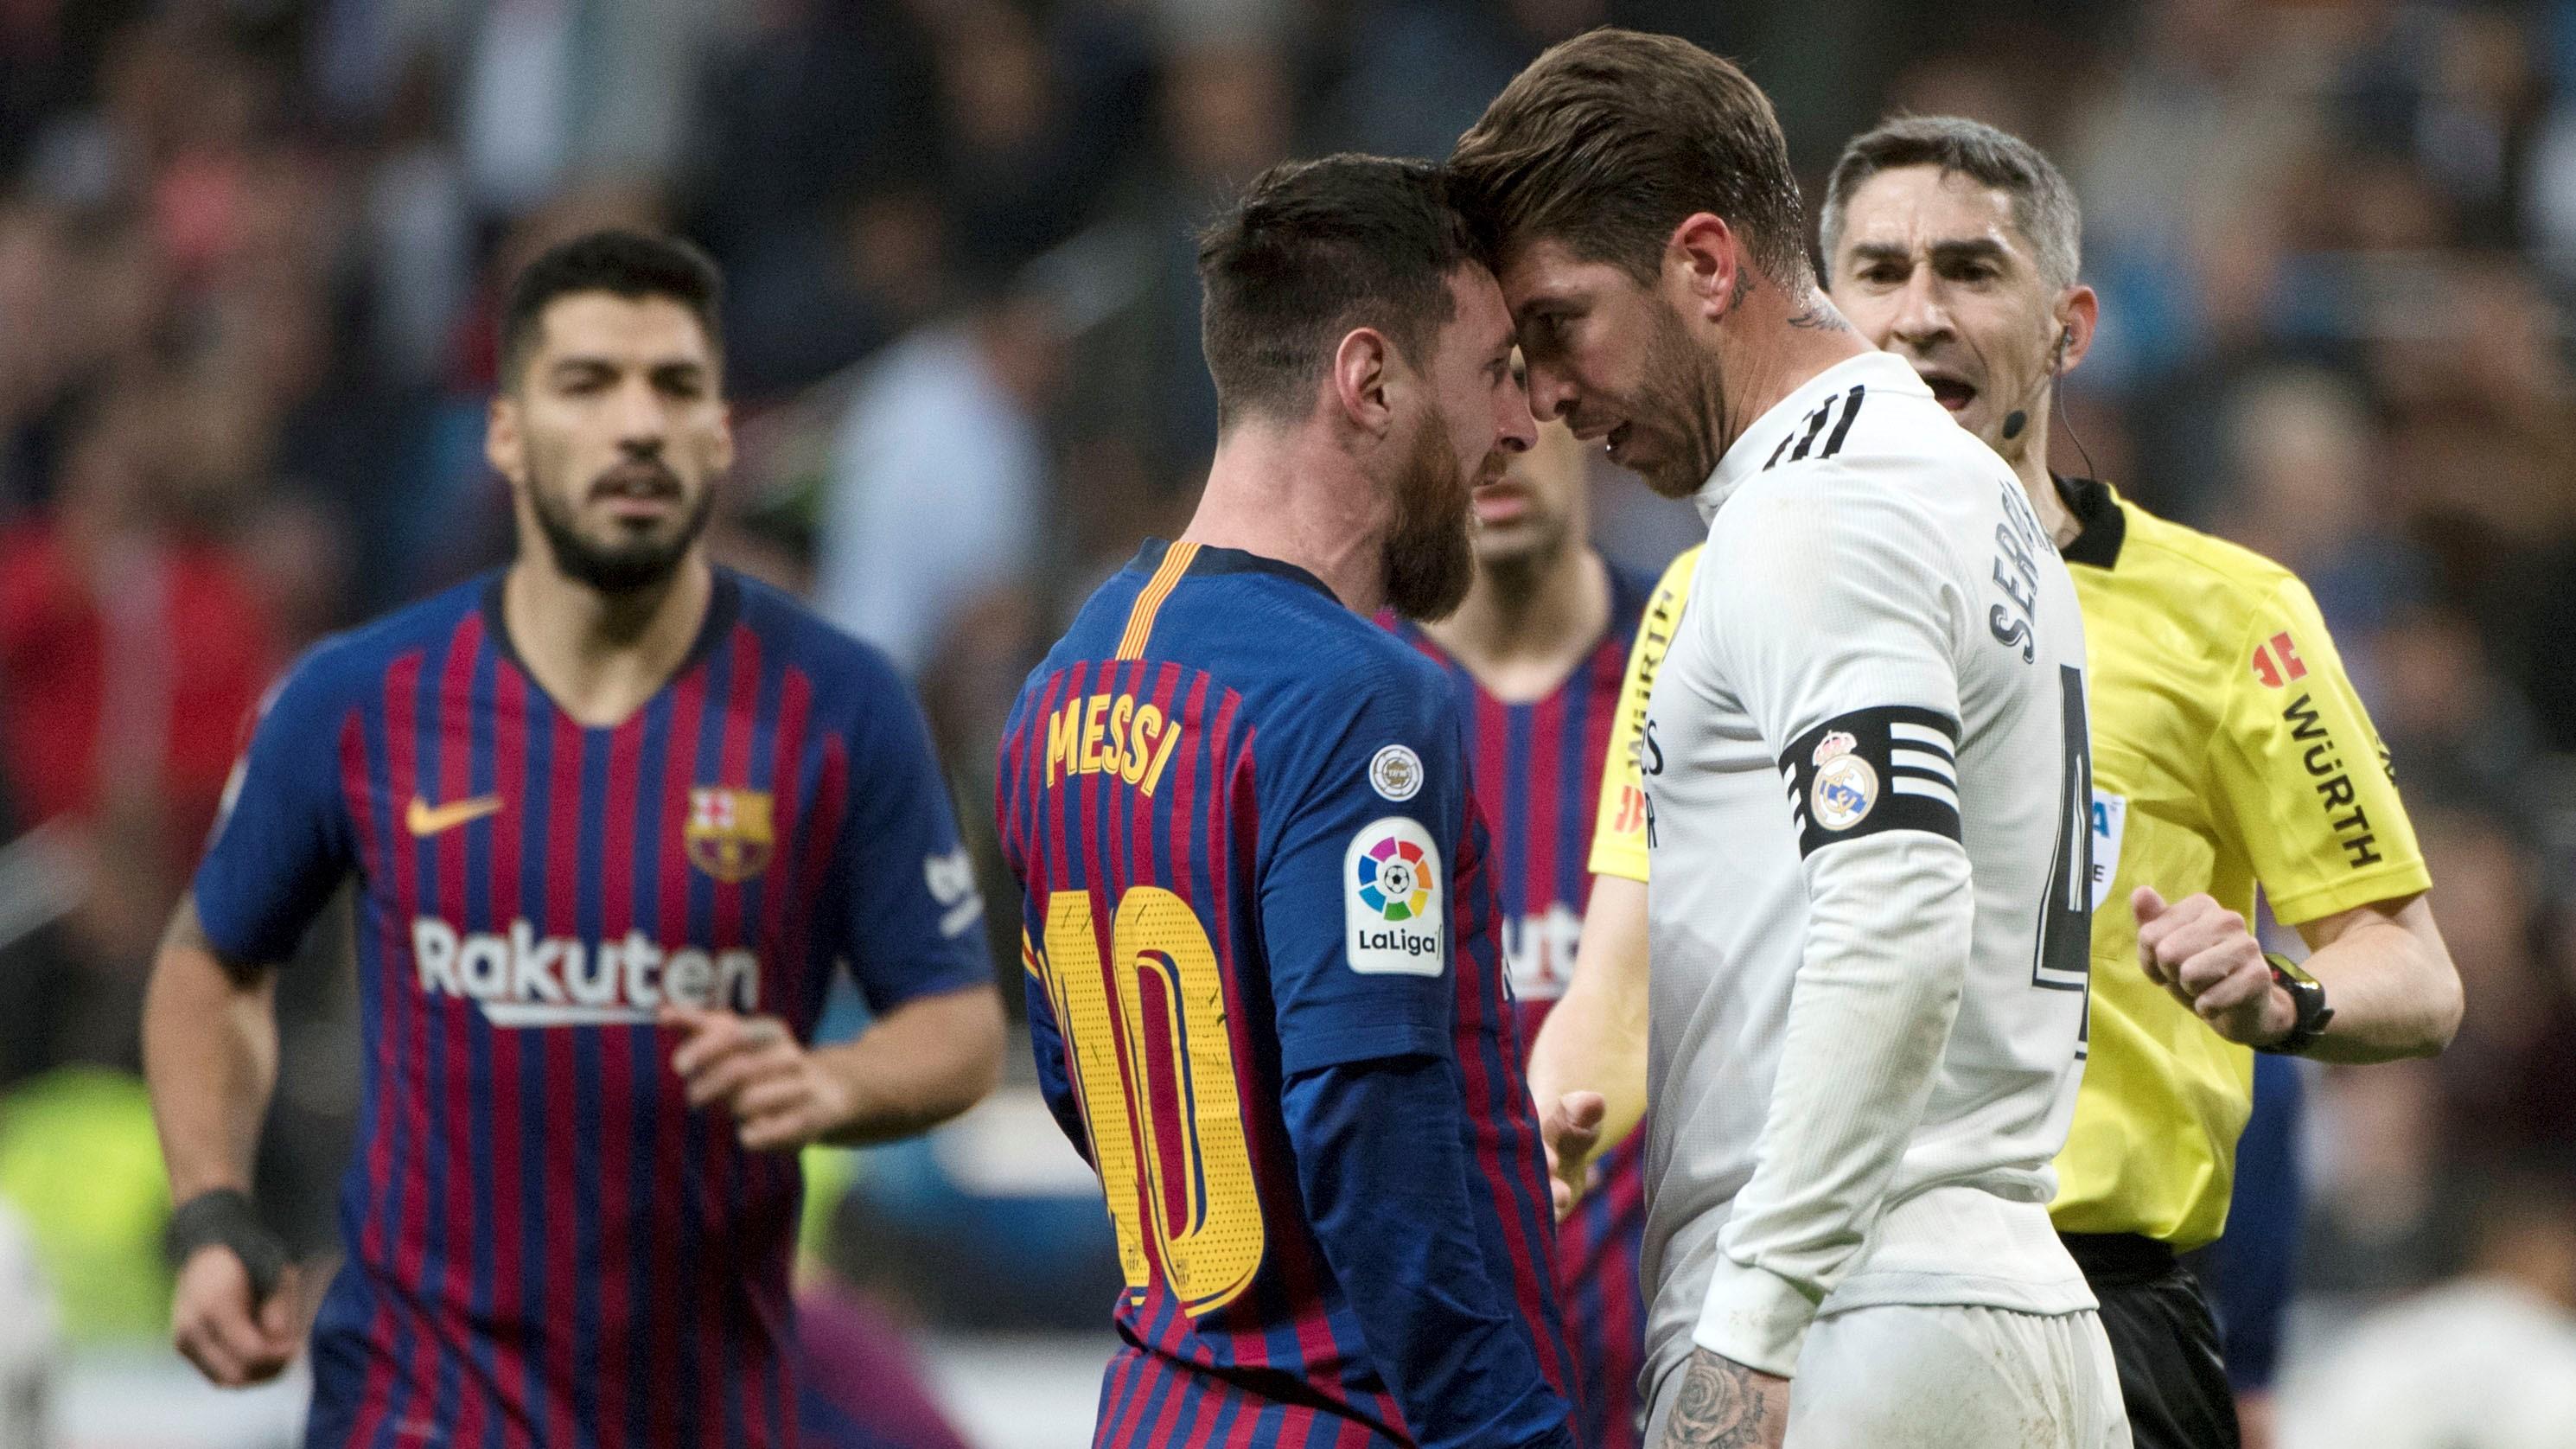 Sergio Ramos Lionel Messi Undiano Mallenco Real Madrid Barcelona LaLiga 02032019